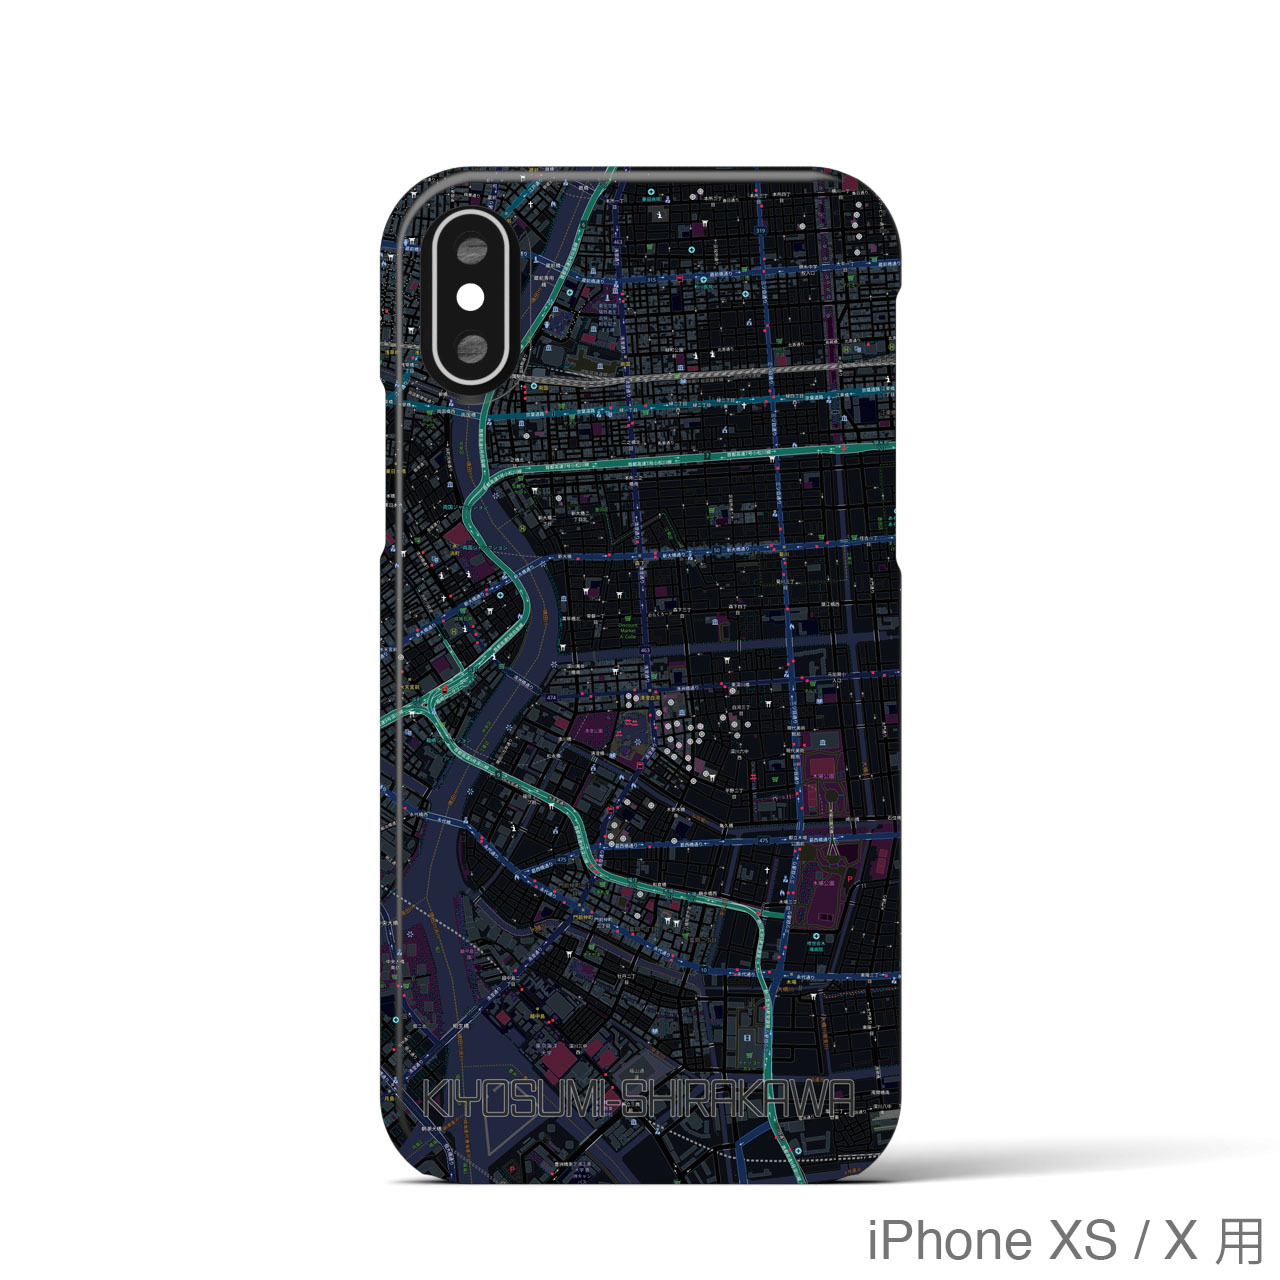 【清澄白河】地図柄iPhoneケース(バックカバータイプ・ブラック)